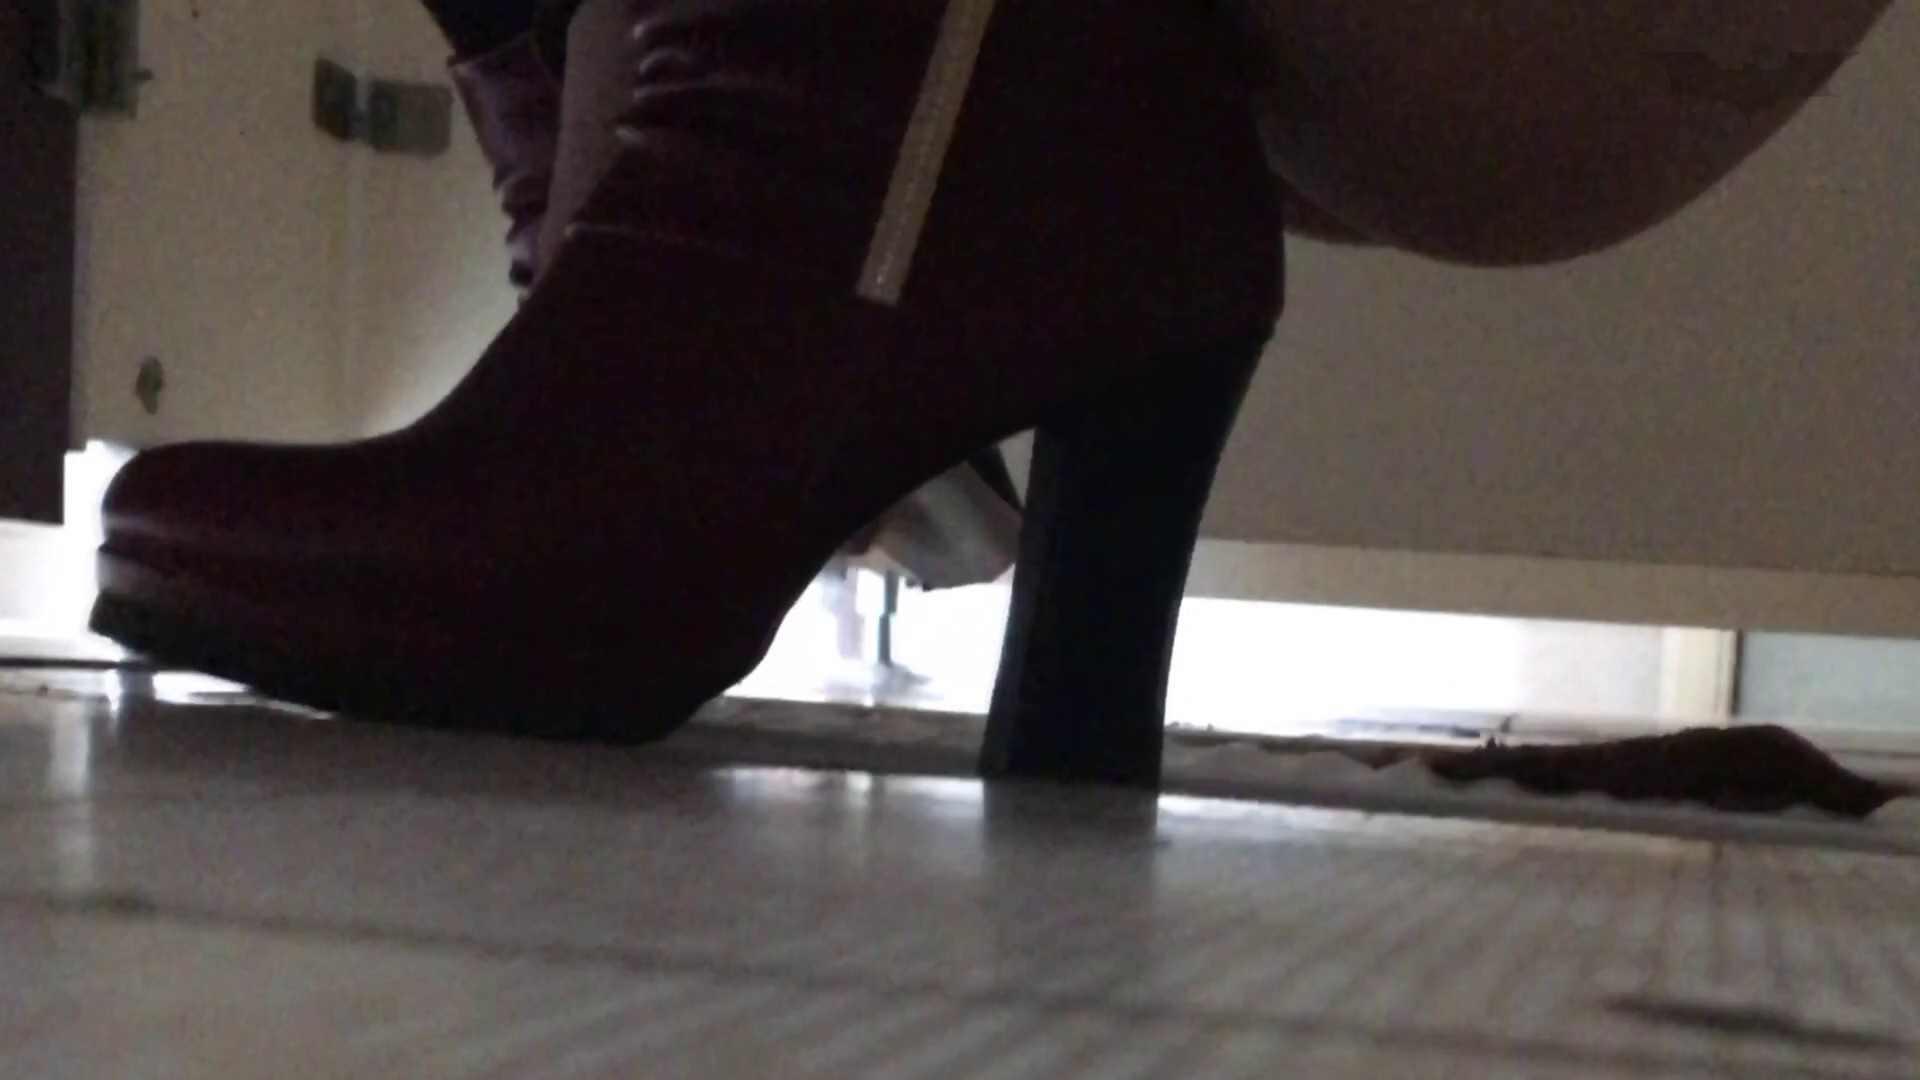 芸術大学ガチ潜入盗撮 JD盗撮 美女の洗面所の秘密 Vol.108 高画質  83PIX 71